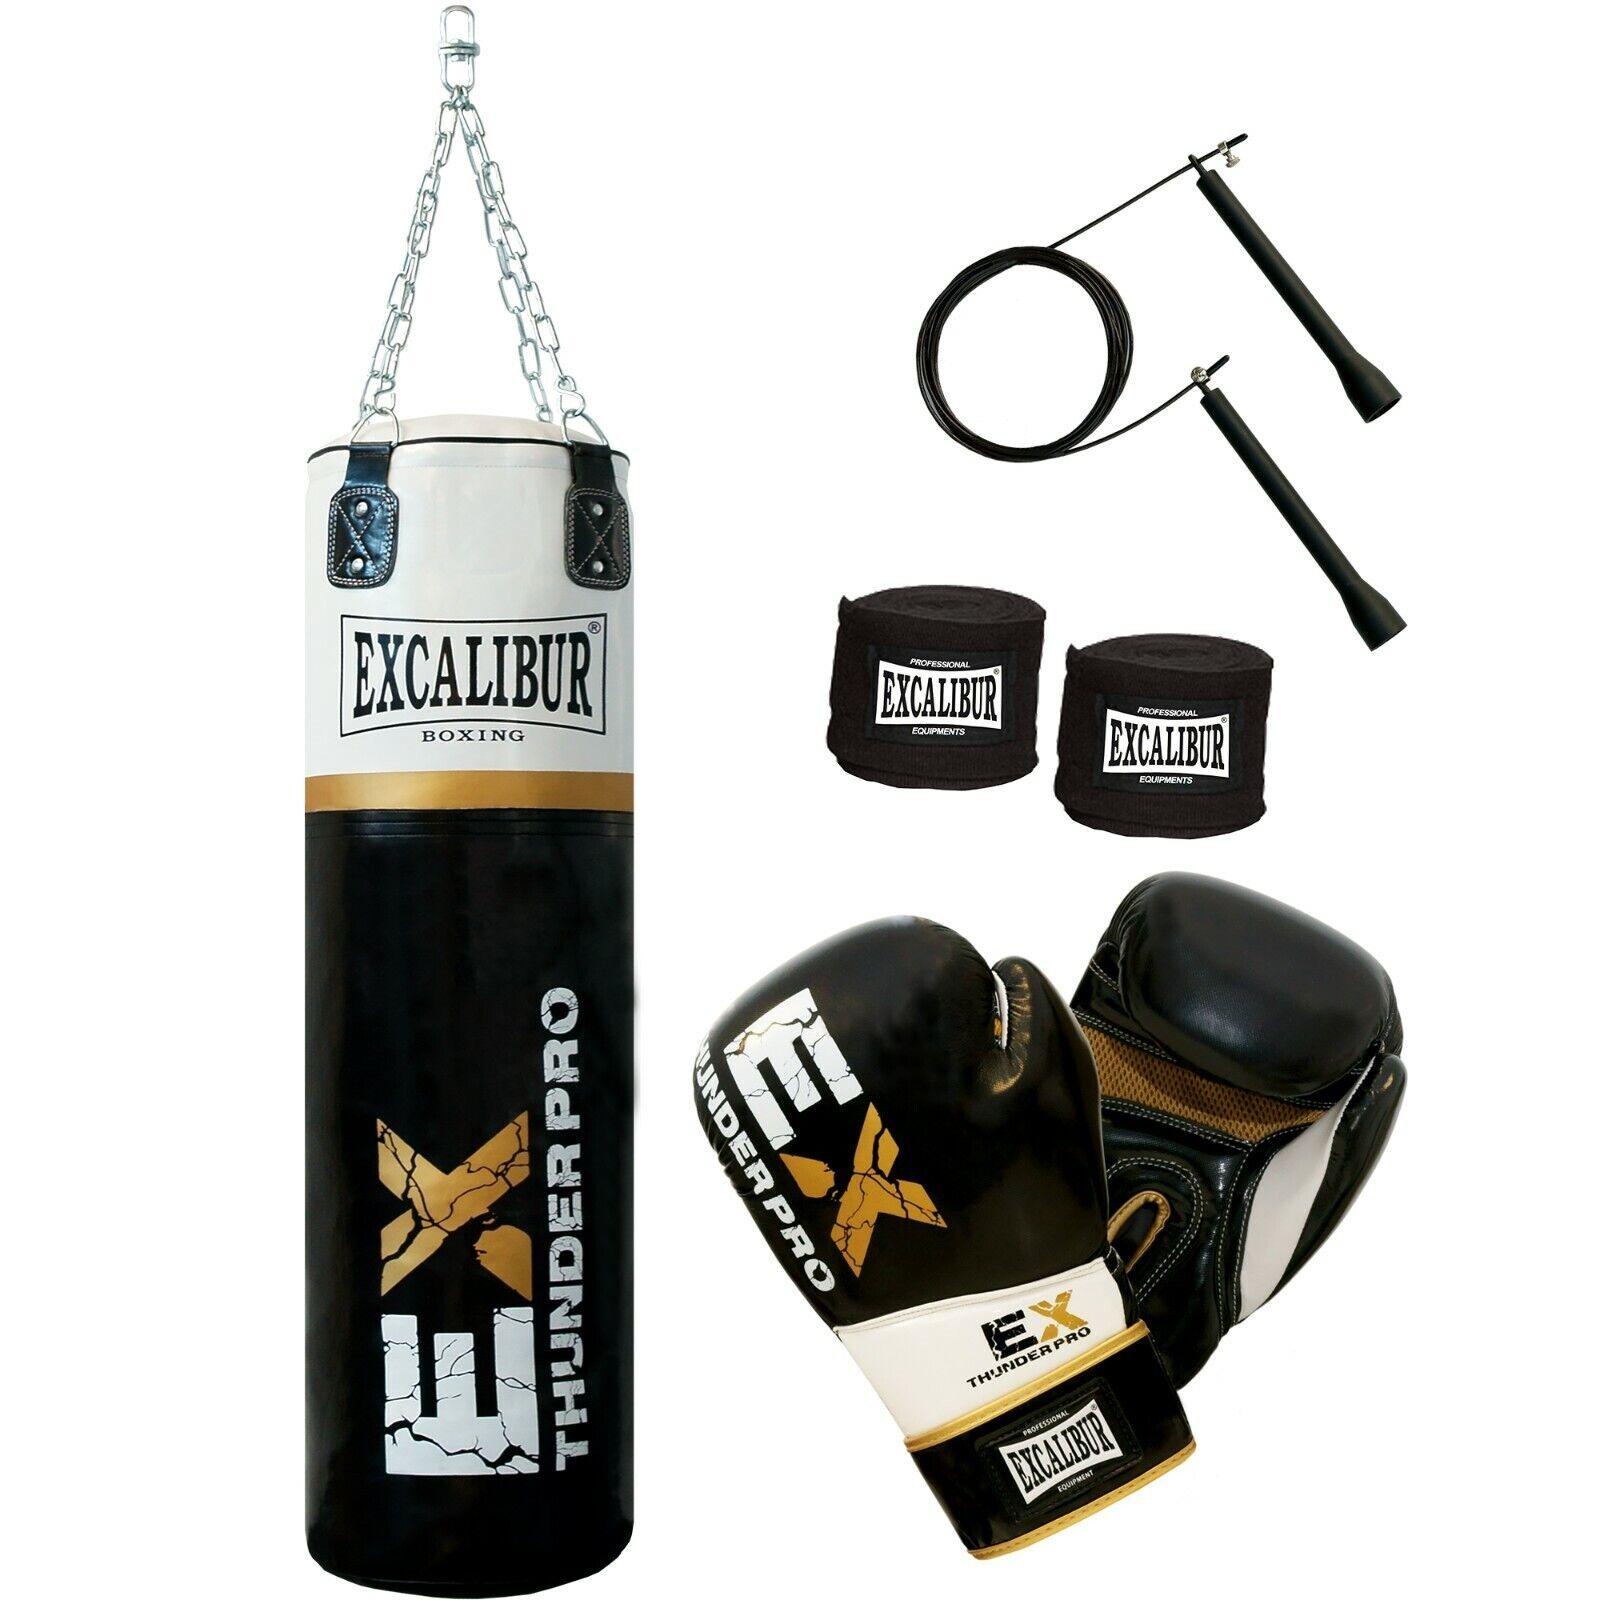 EXCALIBUR Boxset THUNDER Pro - Boxsack, Boxhandschuhe 12 oz, Boxbandagen + Seil